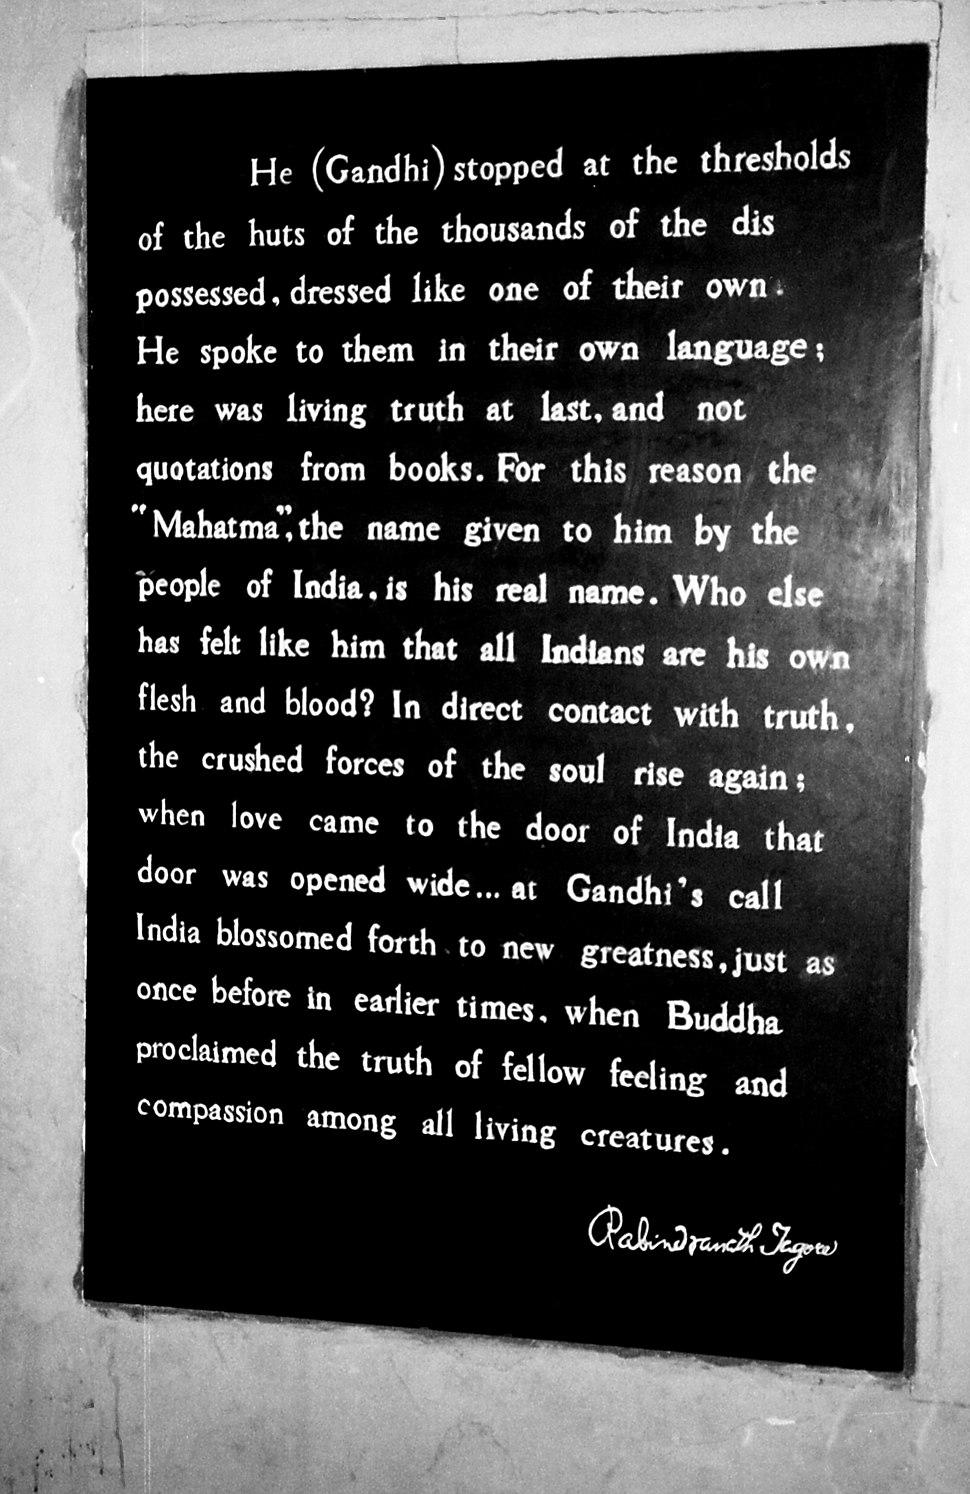 Tagore on Gandhi